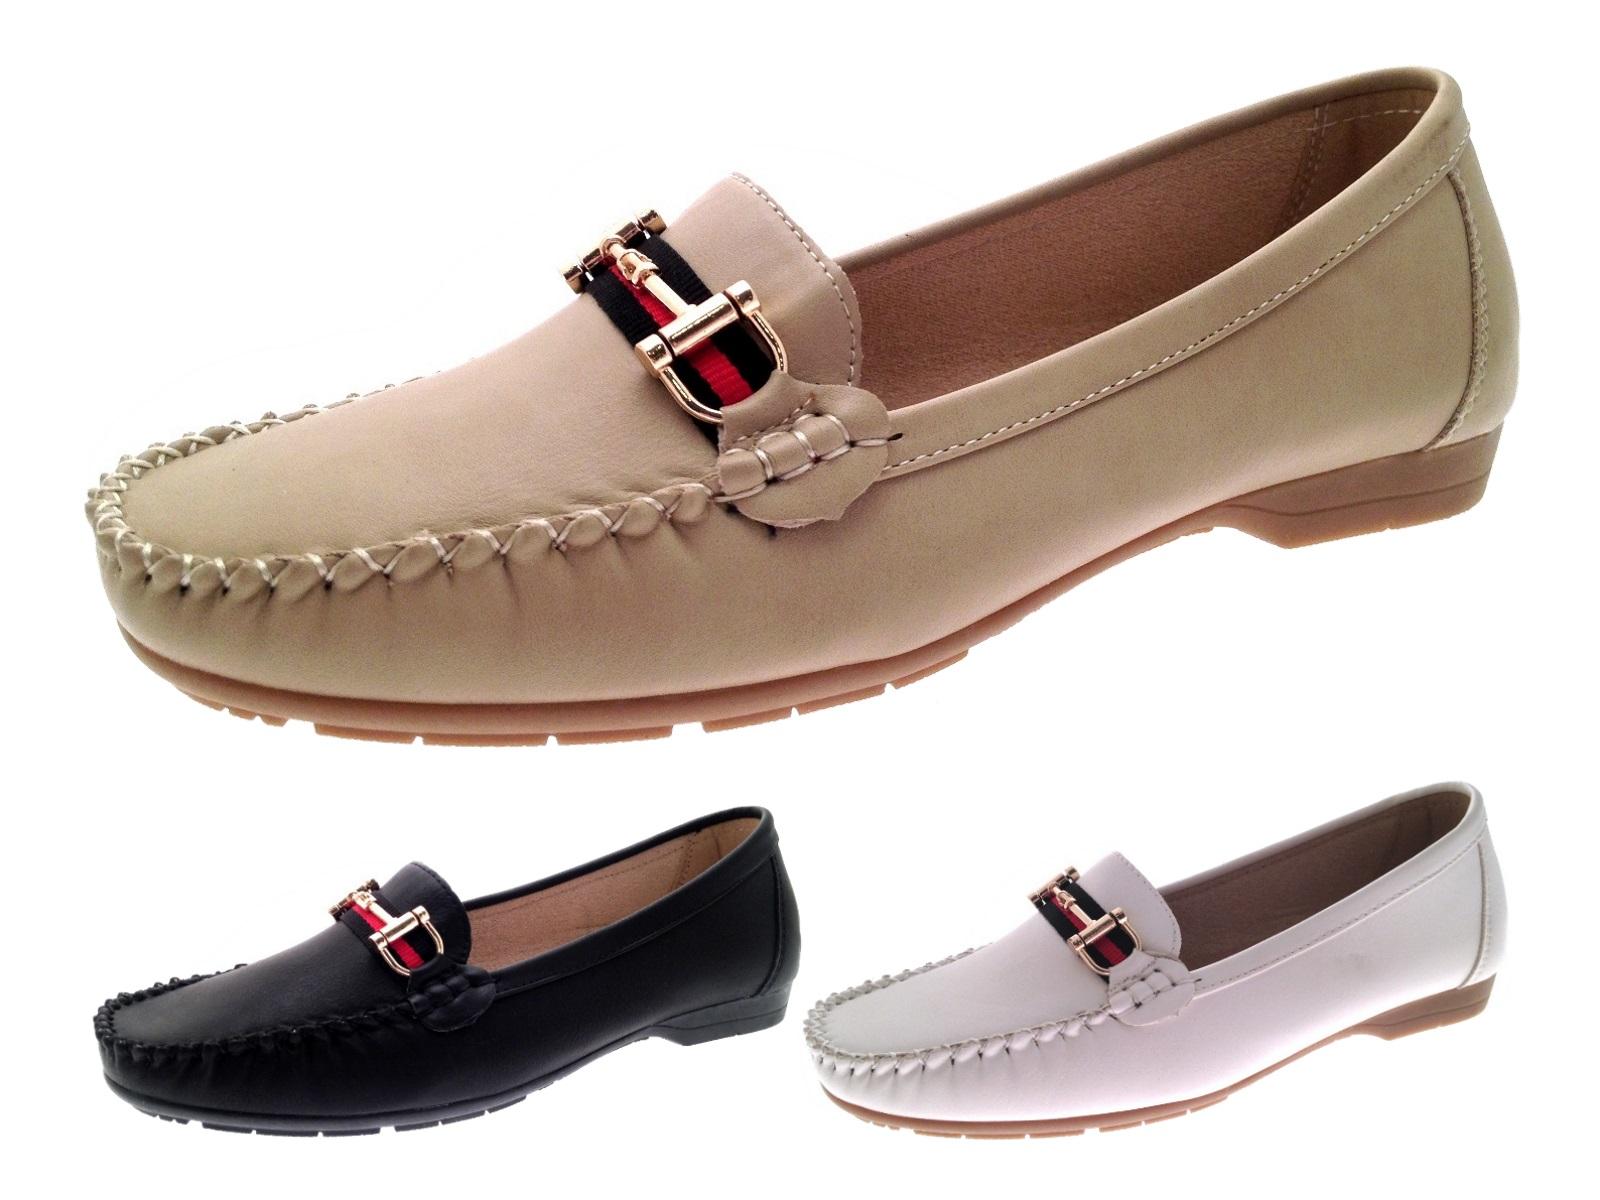 694d20b2 espana-anna-field-zapatos-de-vestir-black-cuero-de-imitacion-tela-mujer- zapatos-1449-500x416_0